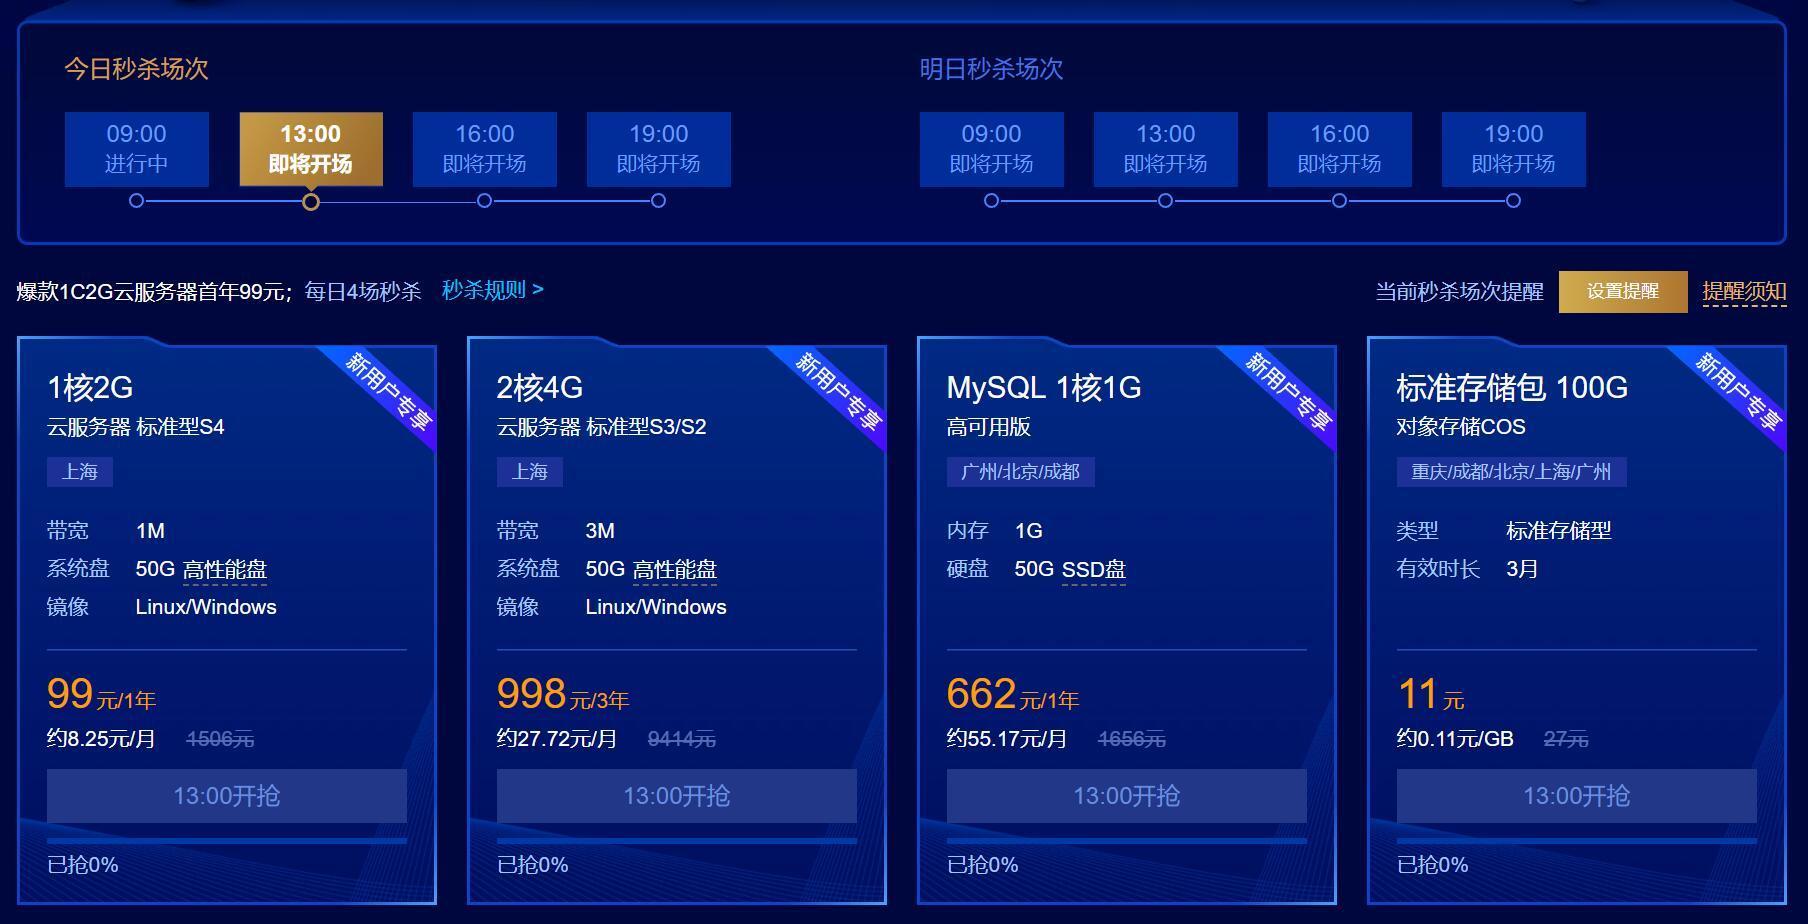 腾讯云丨新用户专享腾讯云服务器_腾讯云服务器秒杀活动